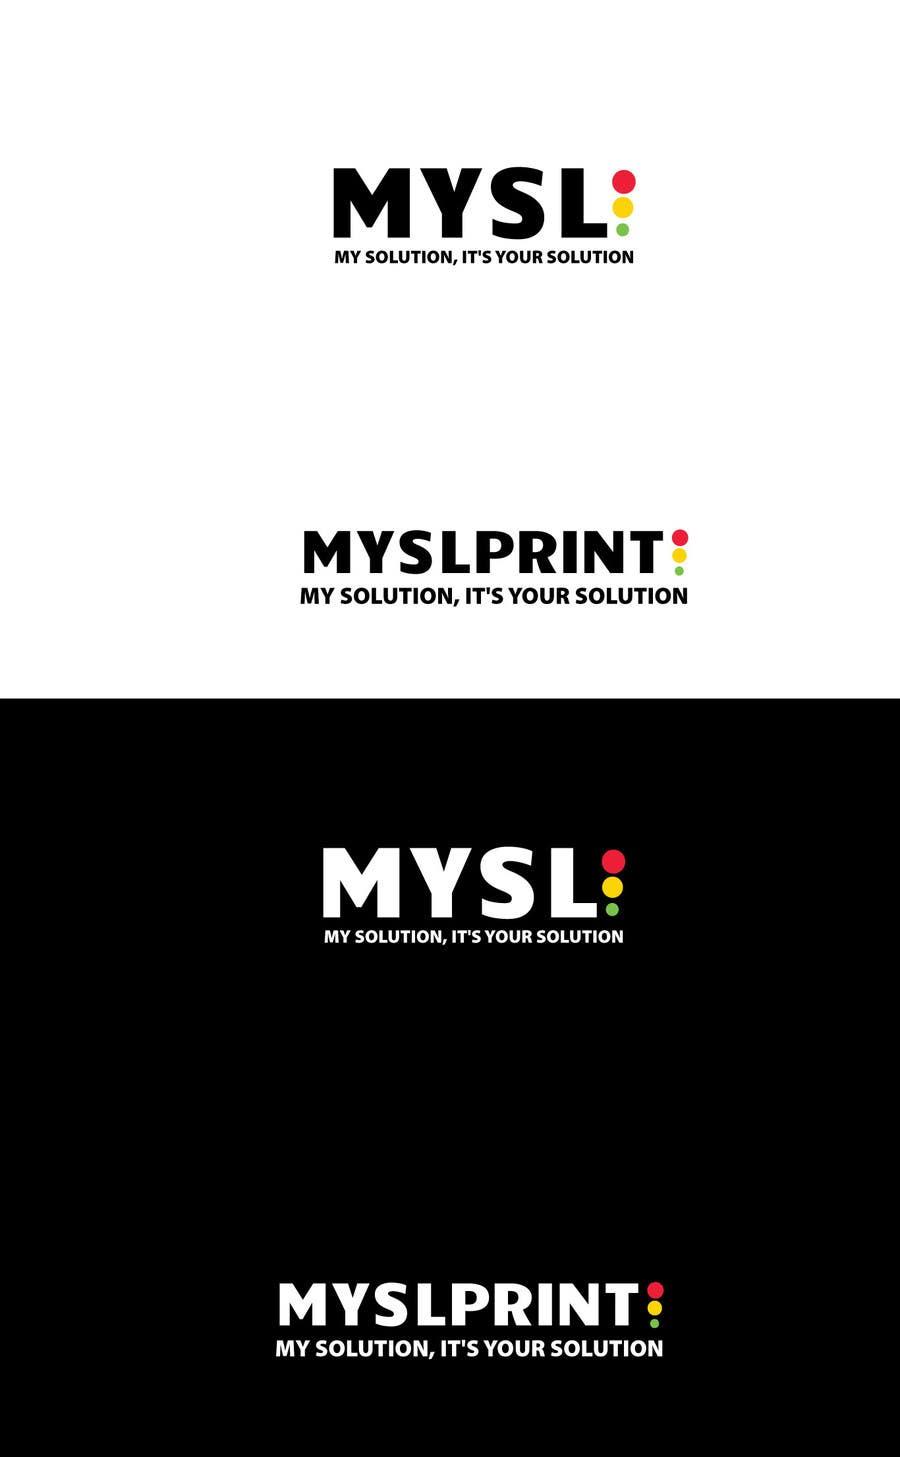 """Bài tham dự cuộc thi #4 cho Design a Logo for PRINTING company """"MYSLprint"""""""